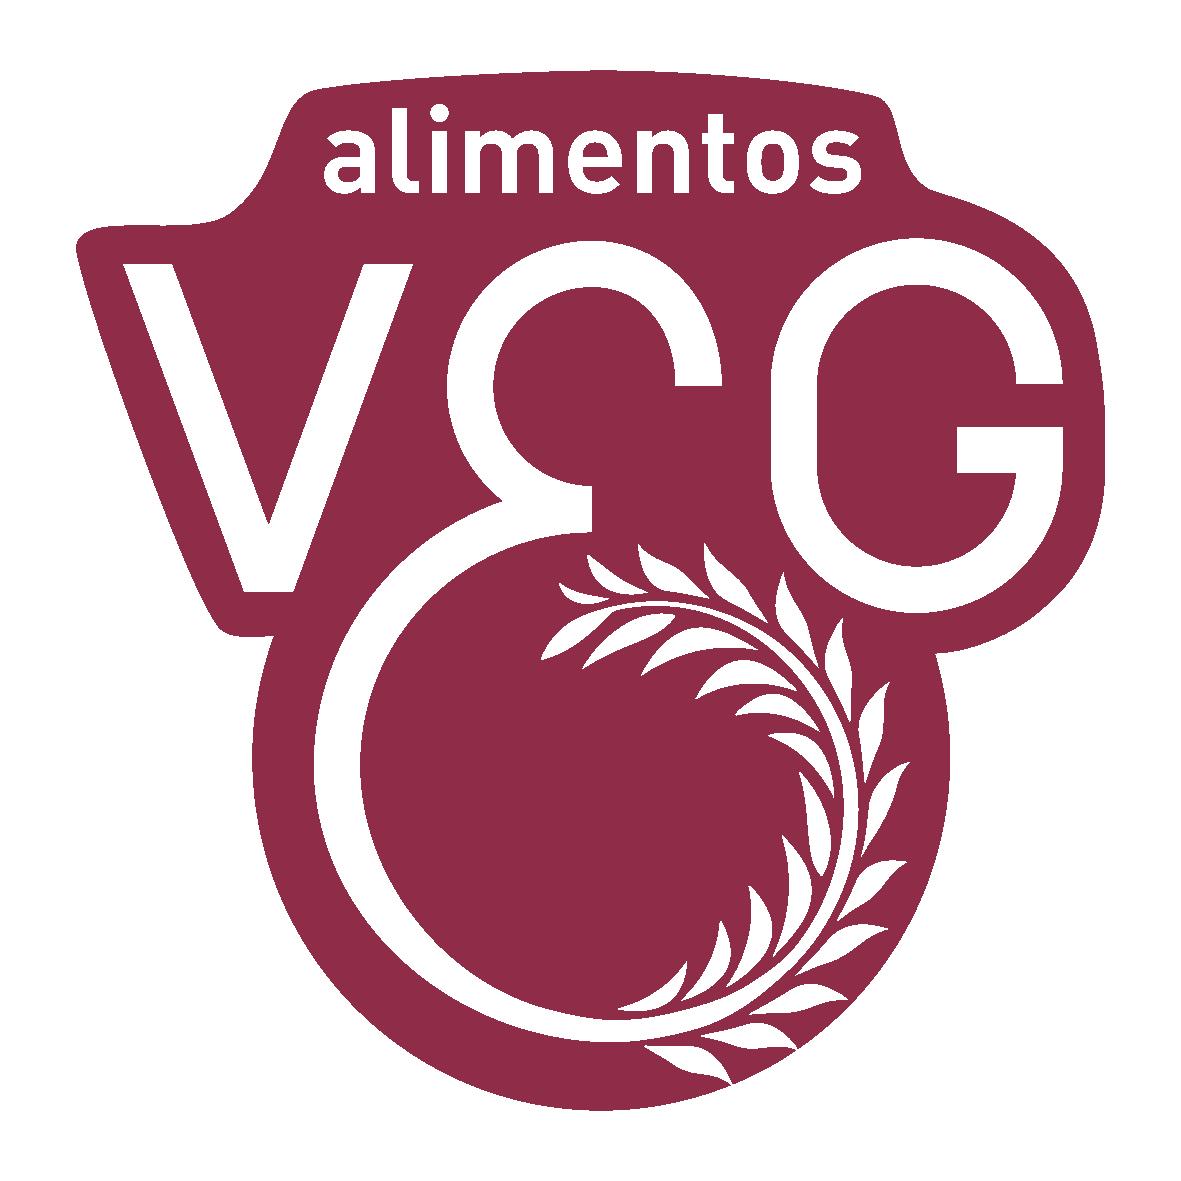 Alimentos V&G